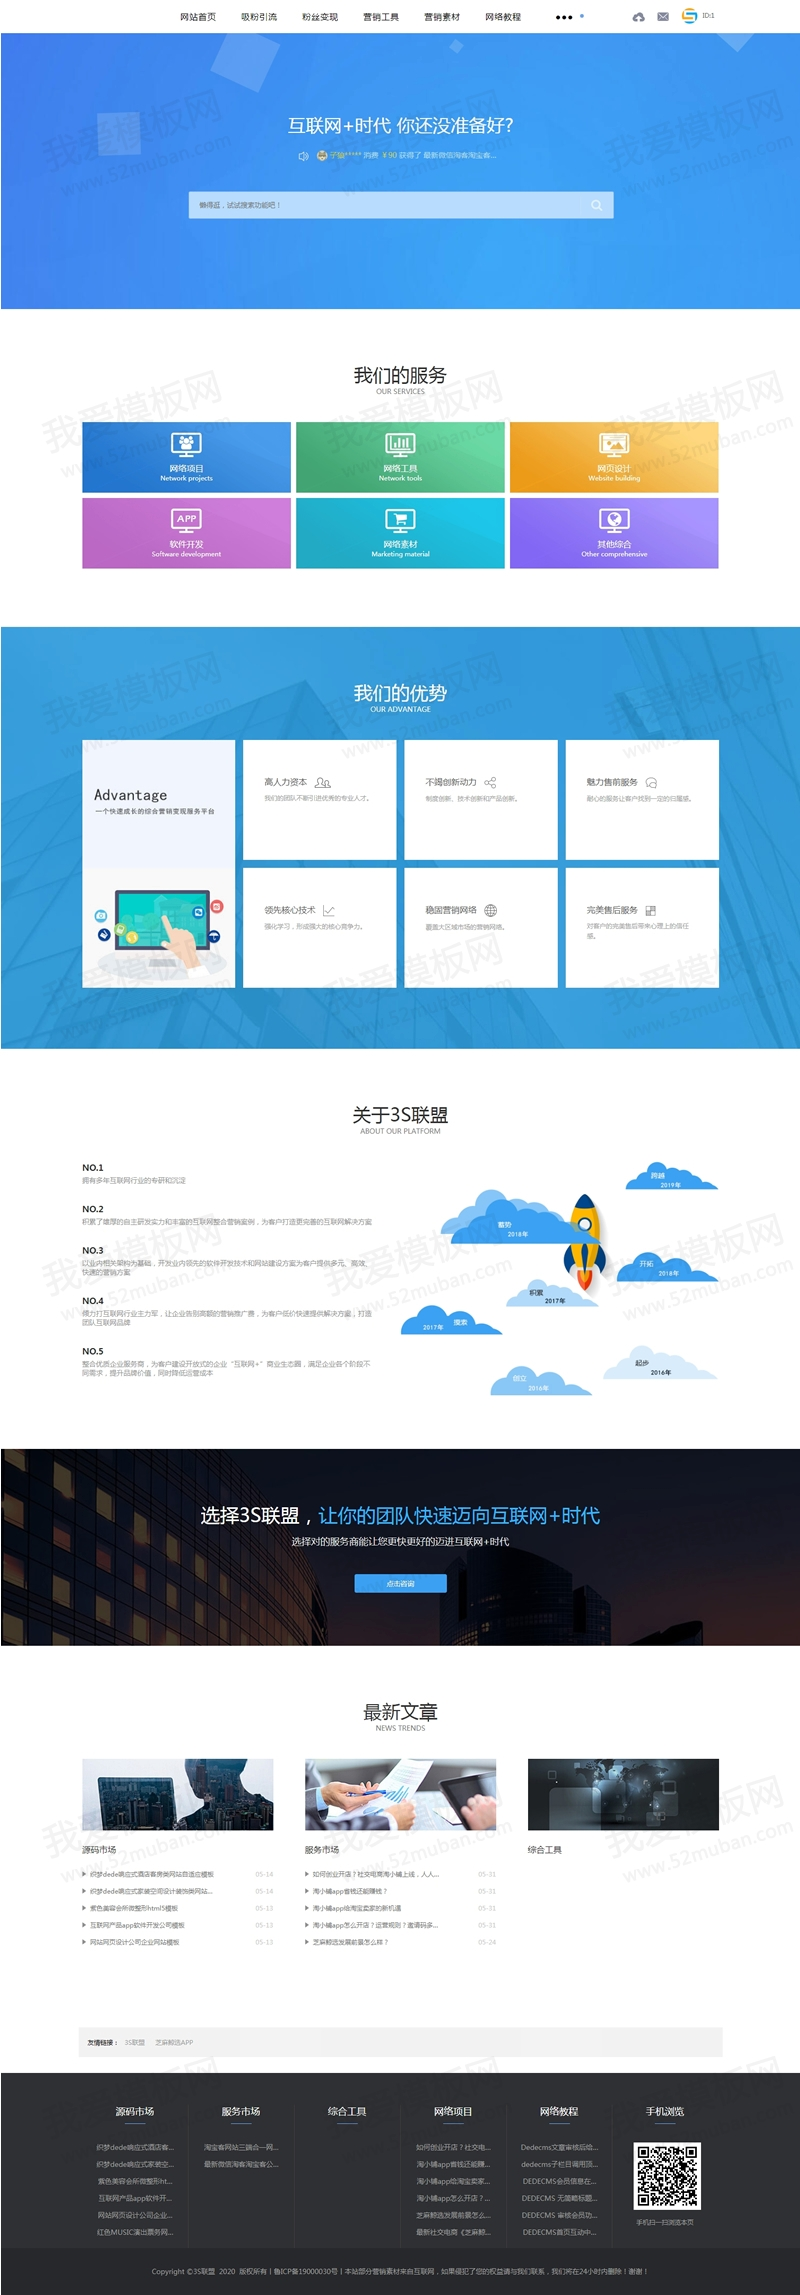 最新模板PPT素材资源下载网站源码 虚拟商品交易织梦模板